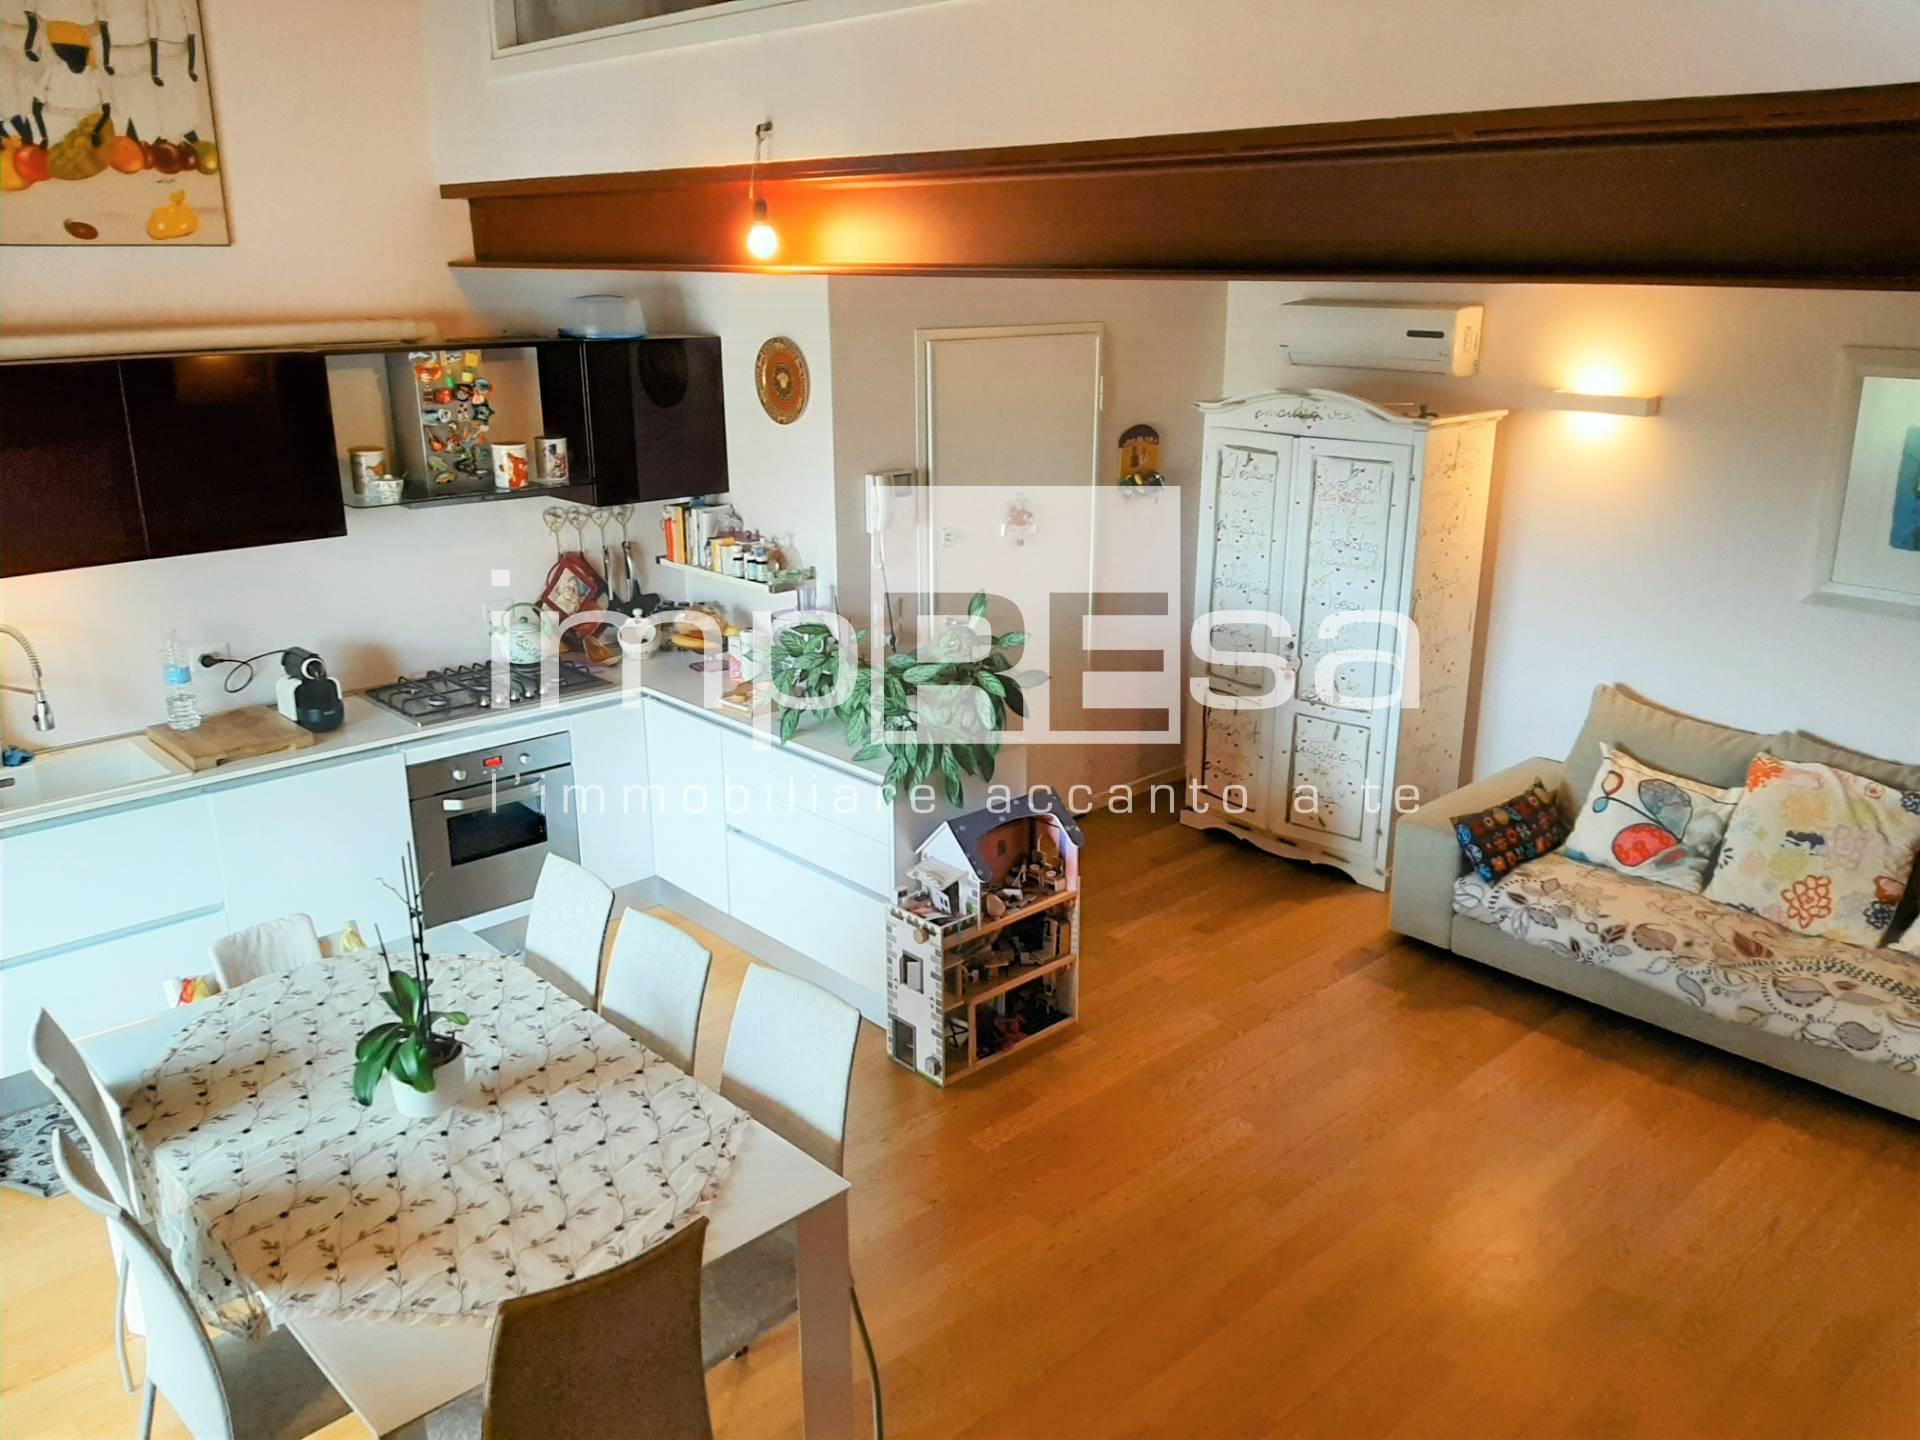 Appartamento in vendita a Paese, 3 locali, zona Località: Centro, prezzo € 185.000   CambioCasa.it